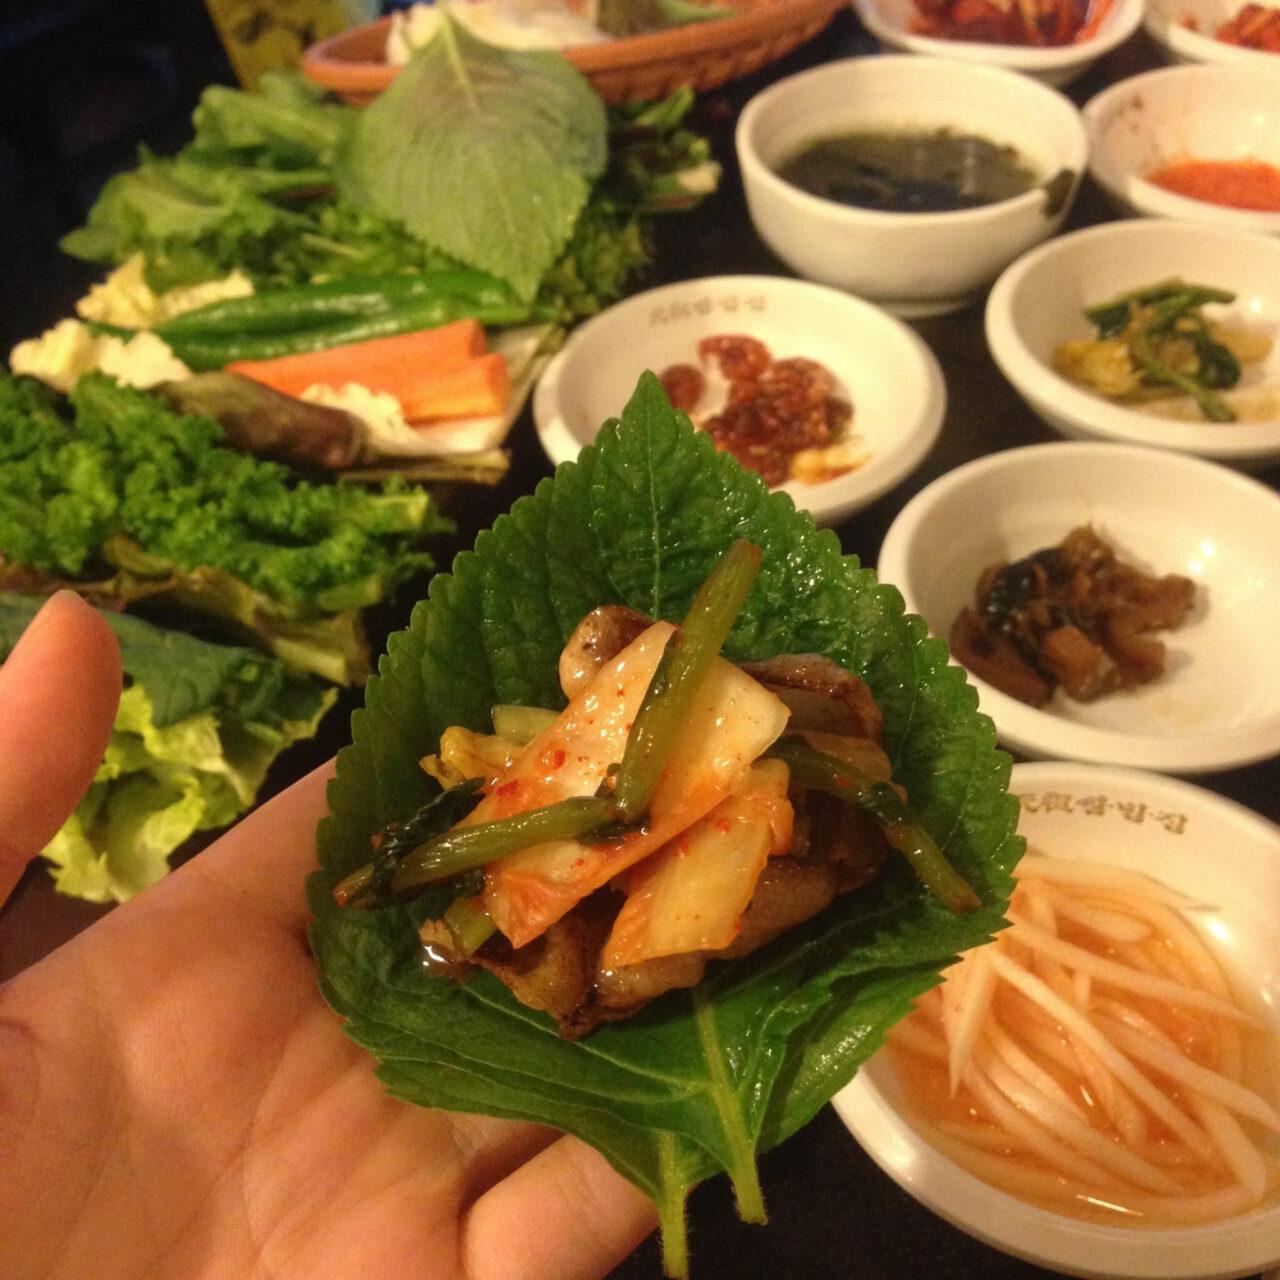 韓国旅行の一番の楽しみは、焼肉!?本場のサムギョプサルを楽しむためのあれこれ